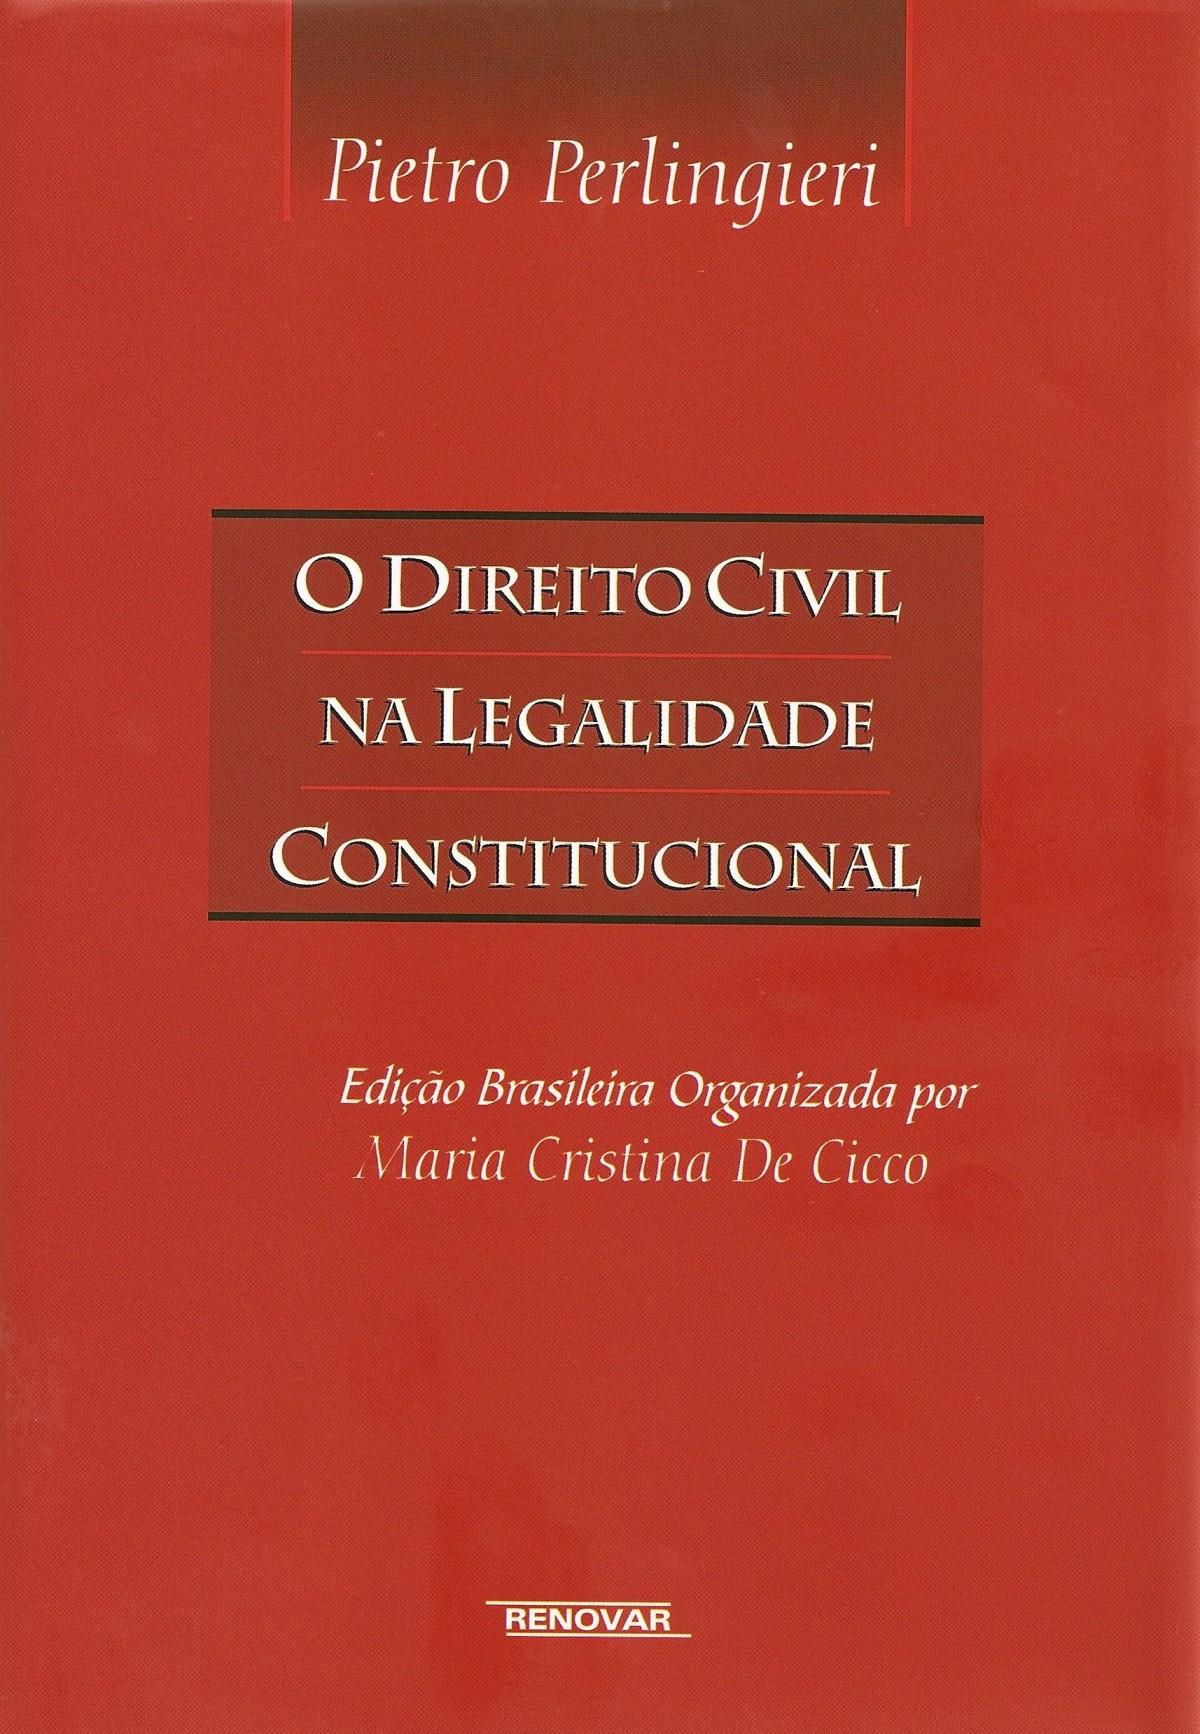 Foto 1 - O Direito Civil na Legalidade Constitucional